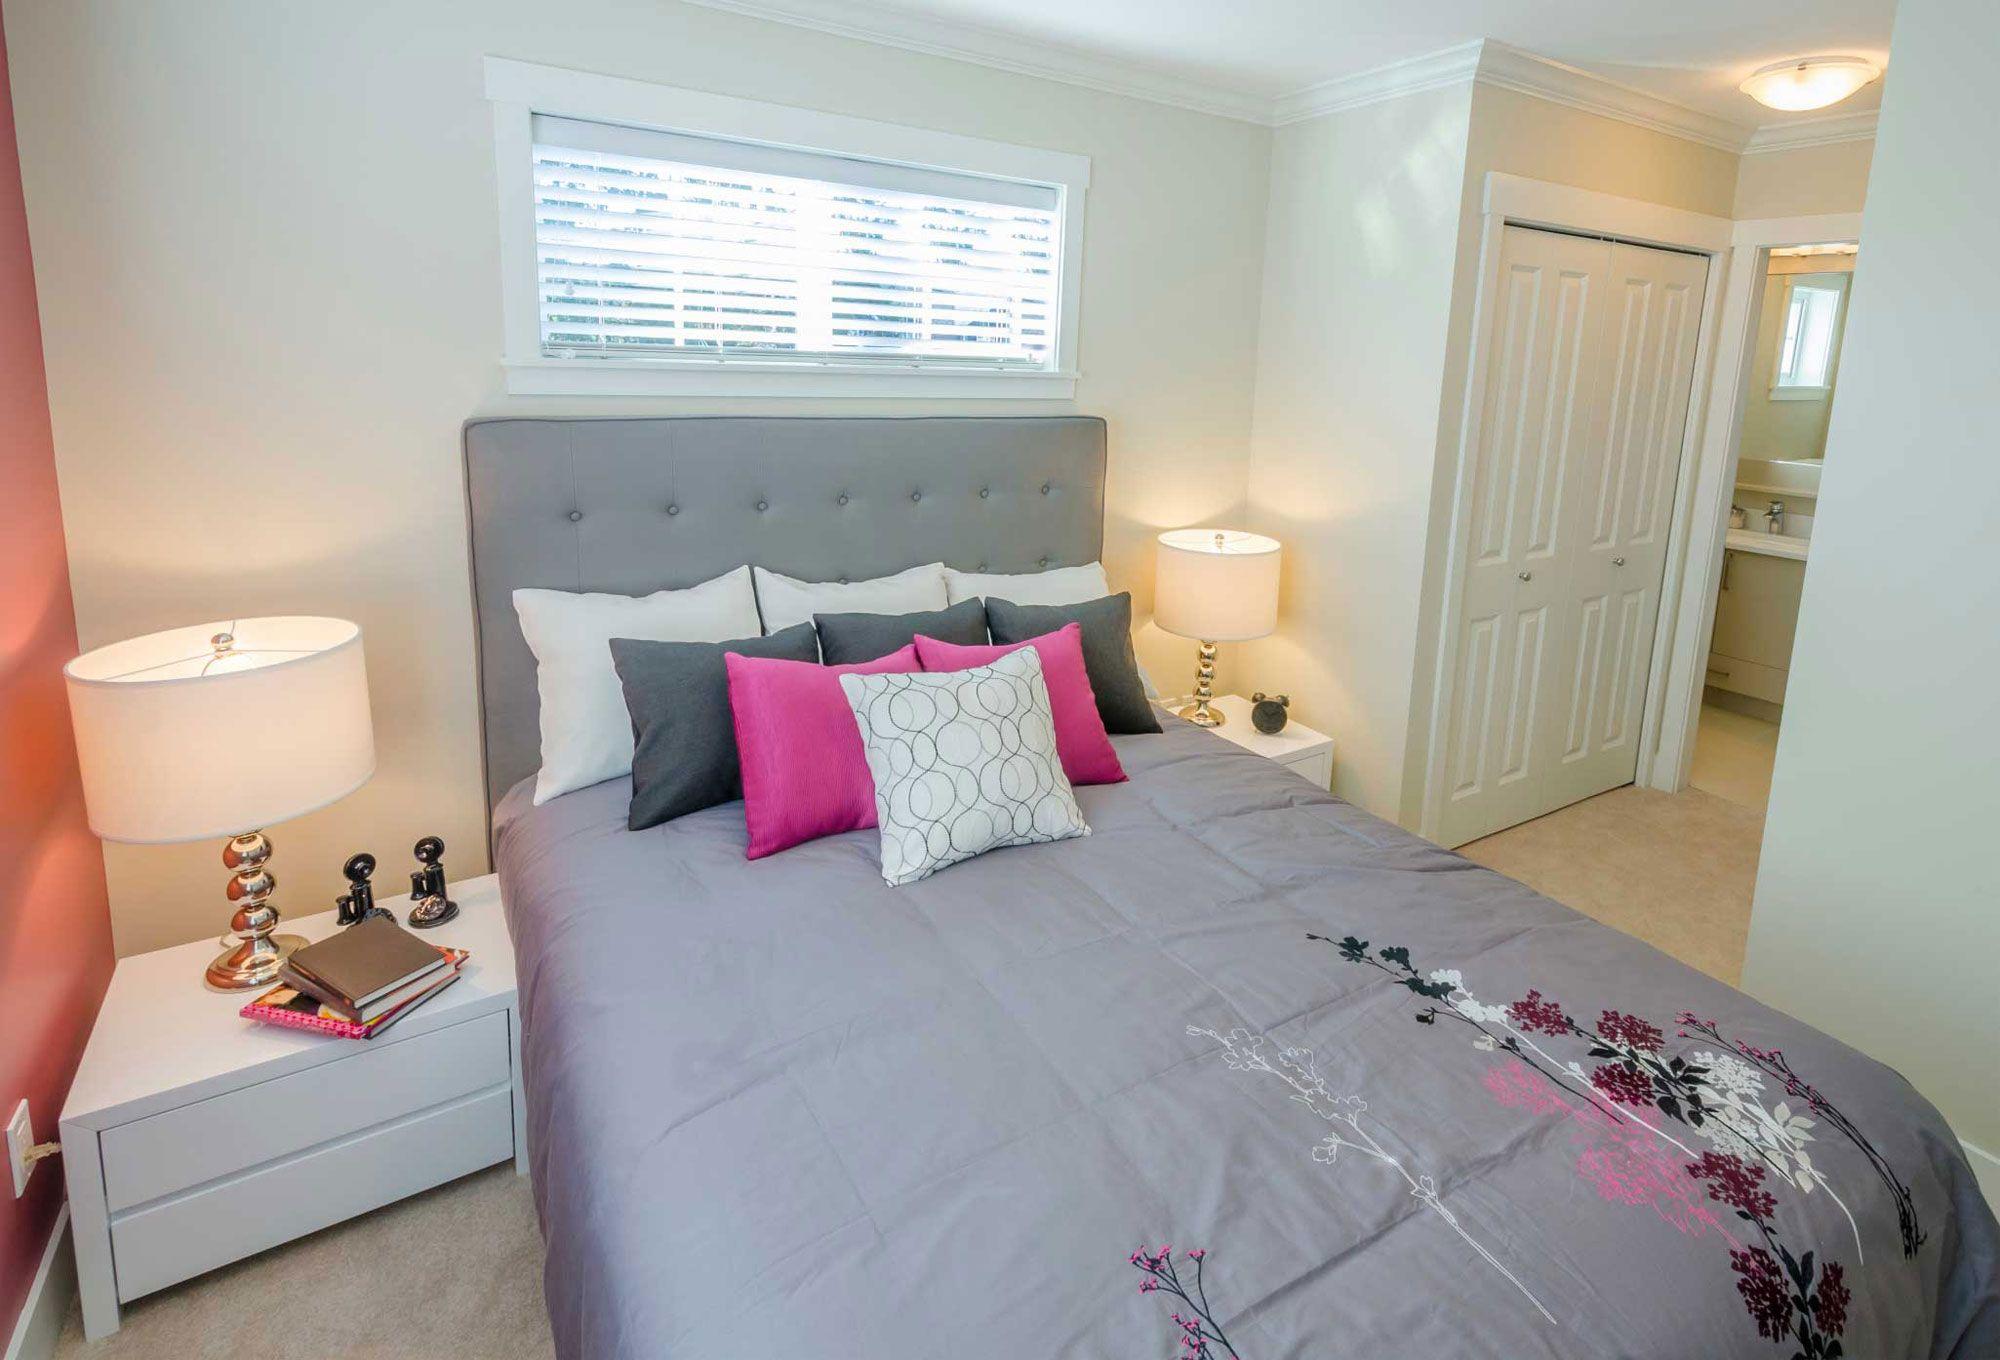 Dormitorio femenino en rosa, gris y blanco